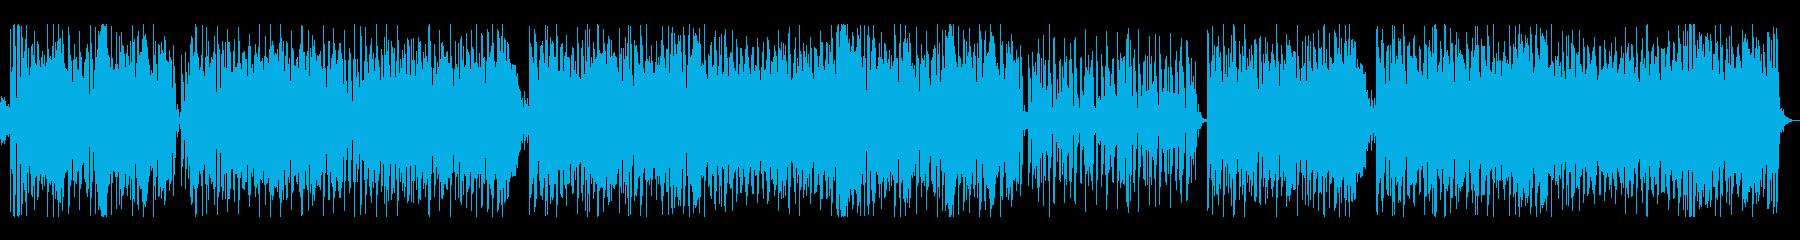 和の世界をイメージした電子音楽の再生済みの波形